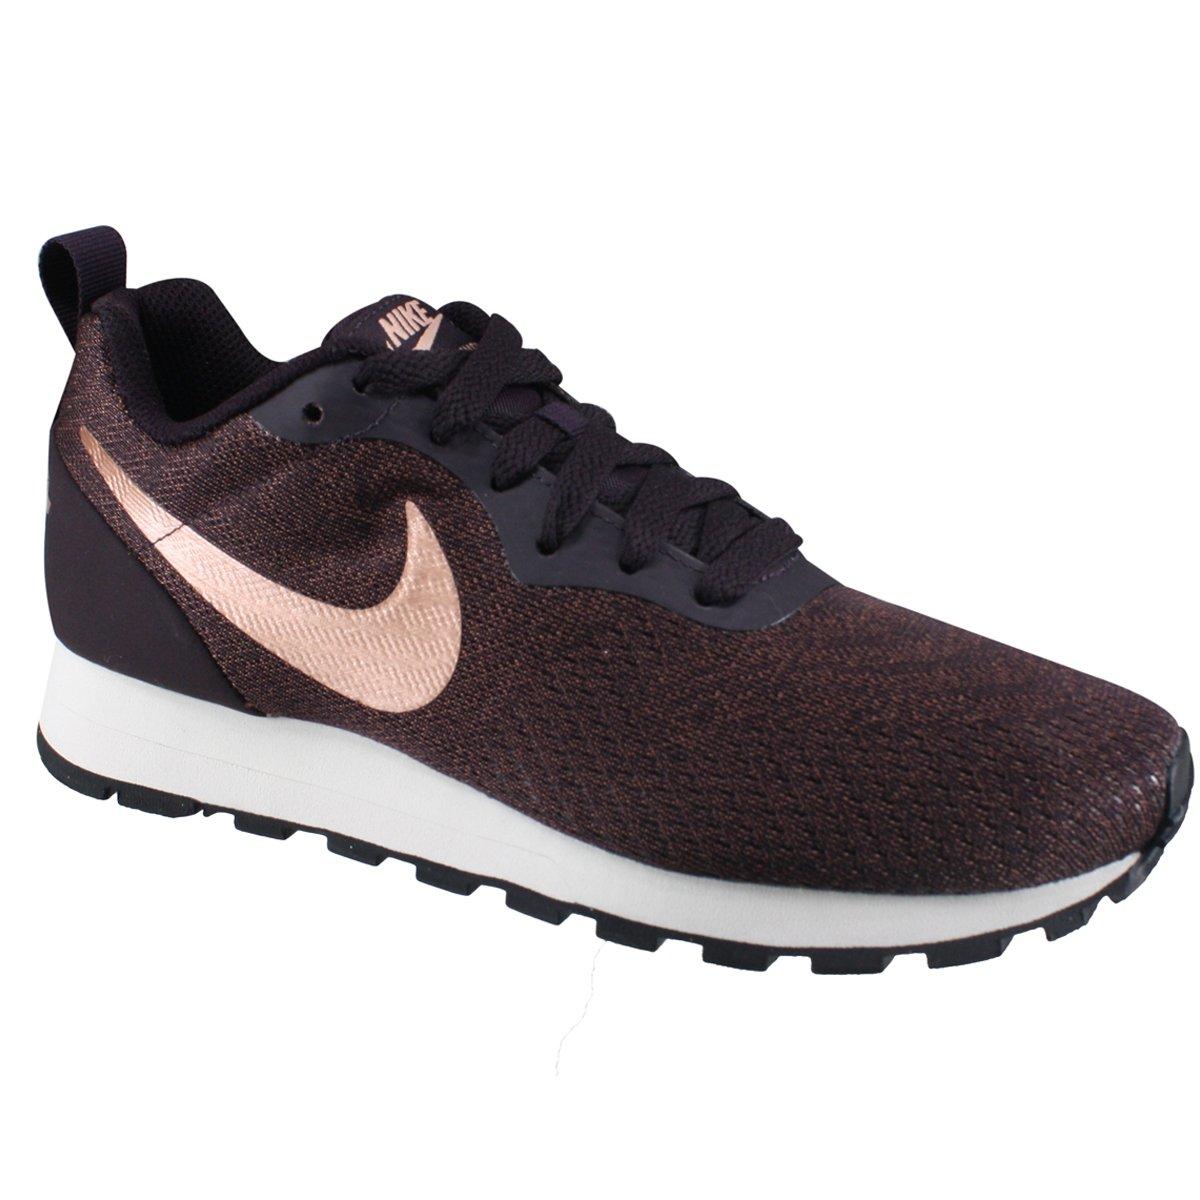 Tênis Feminino Nike MD Runner 2 916797-602 - Bordo Bronze - Calçados ... 69b219206e435